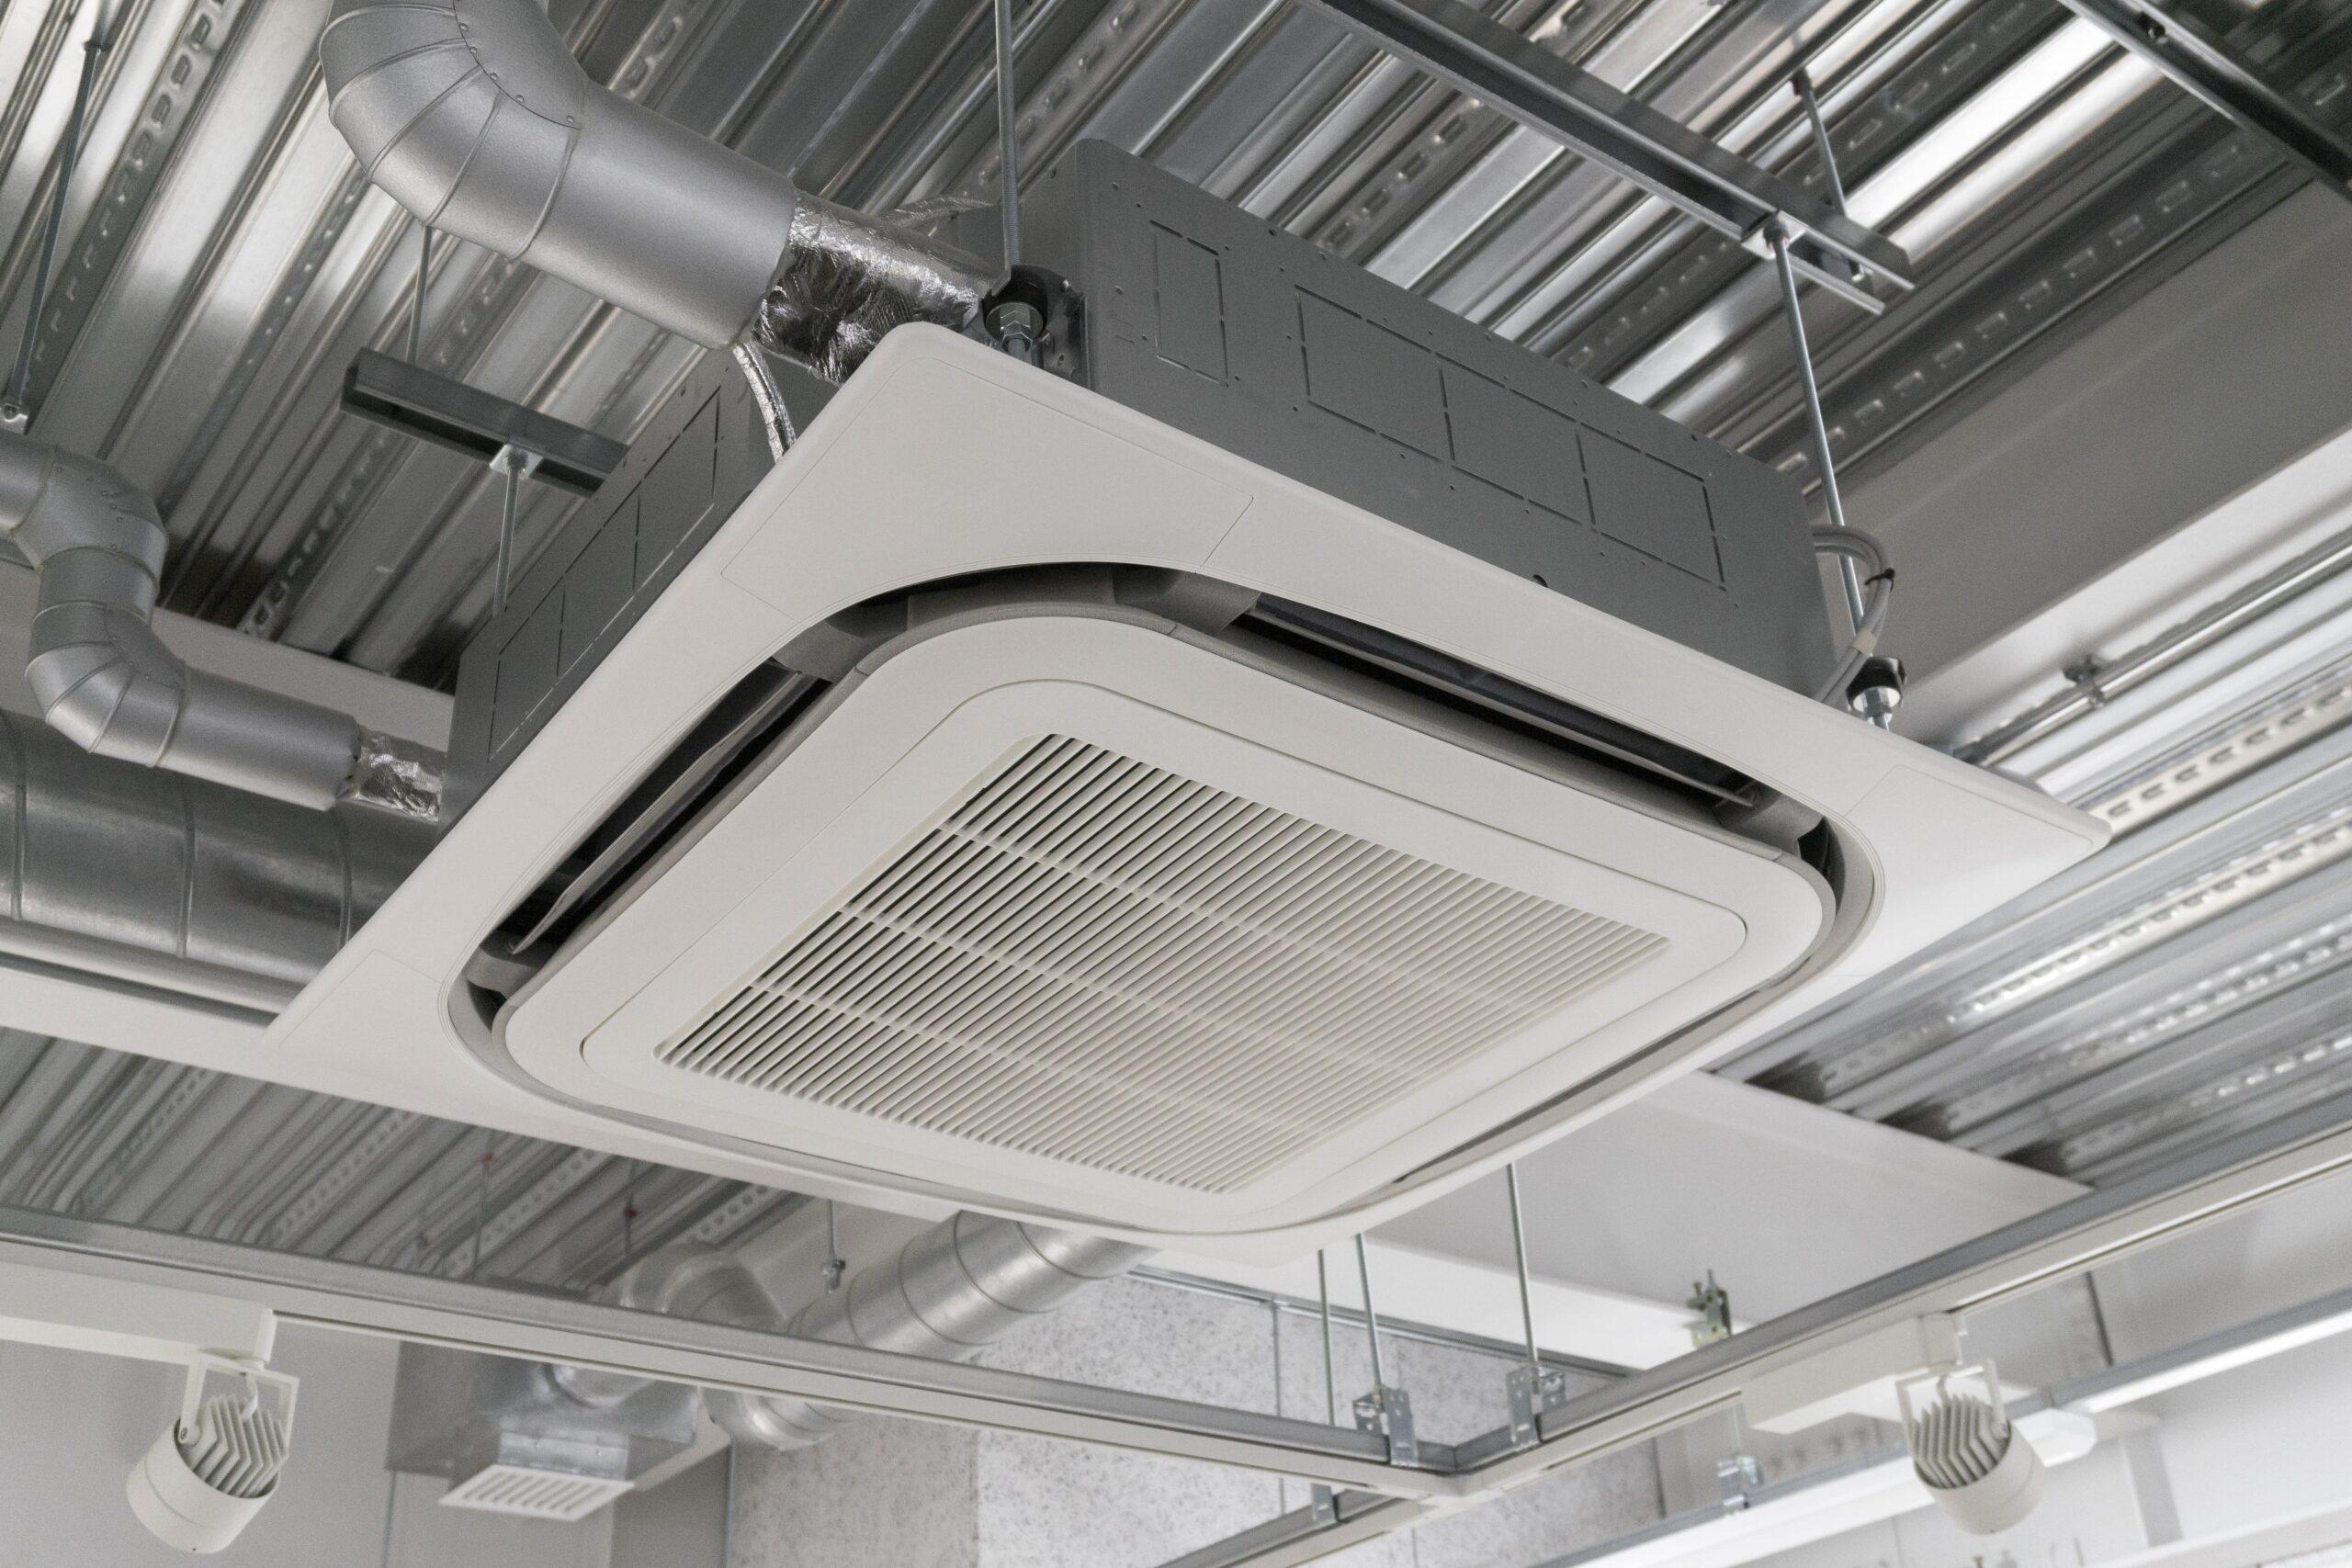 「【2021年度:業務用エアコン導入補助金】店舗当り最大1,000万円!?補助金を活用して業務用エアコンを導入しよう!」を公開しました。